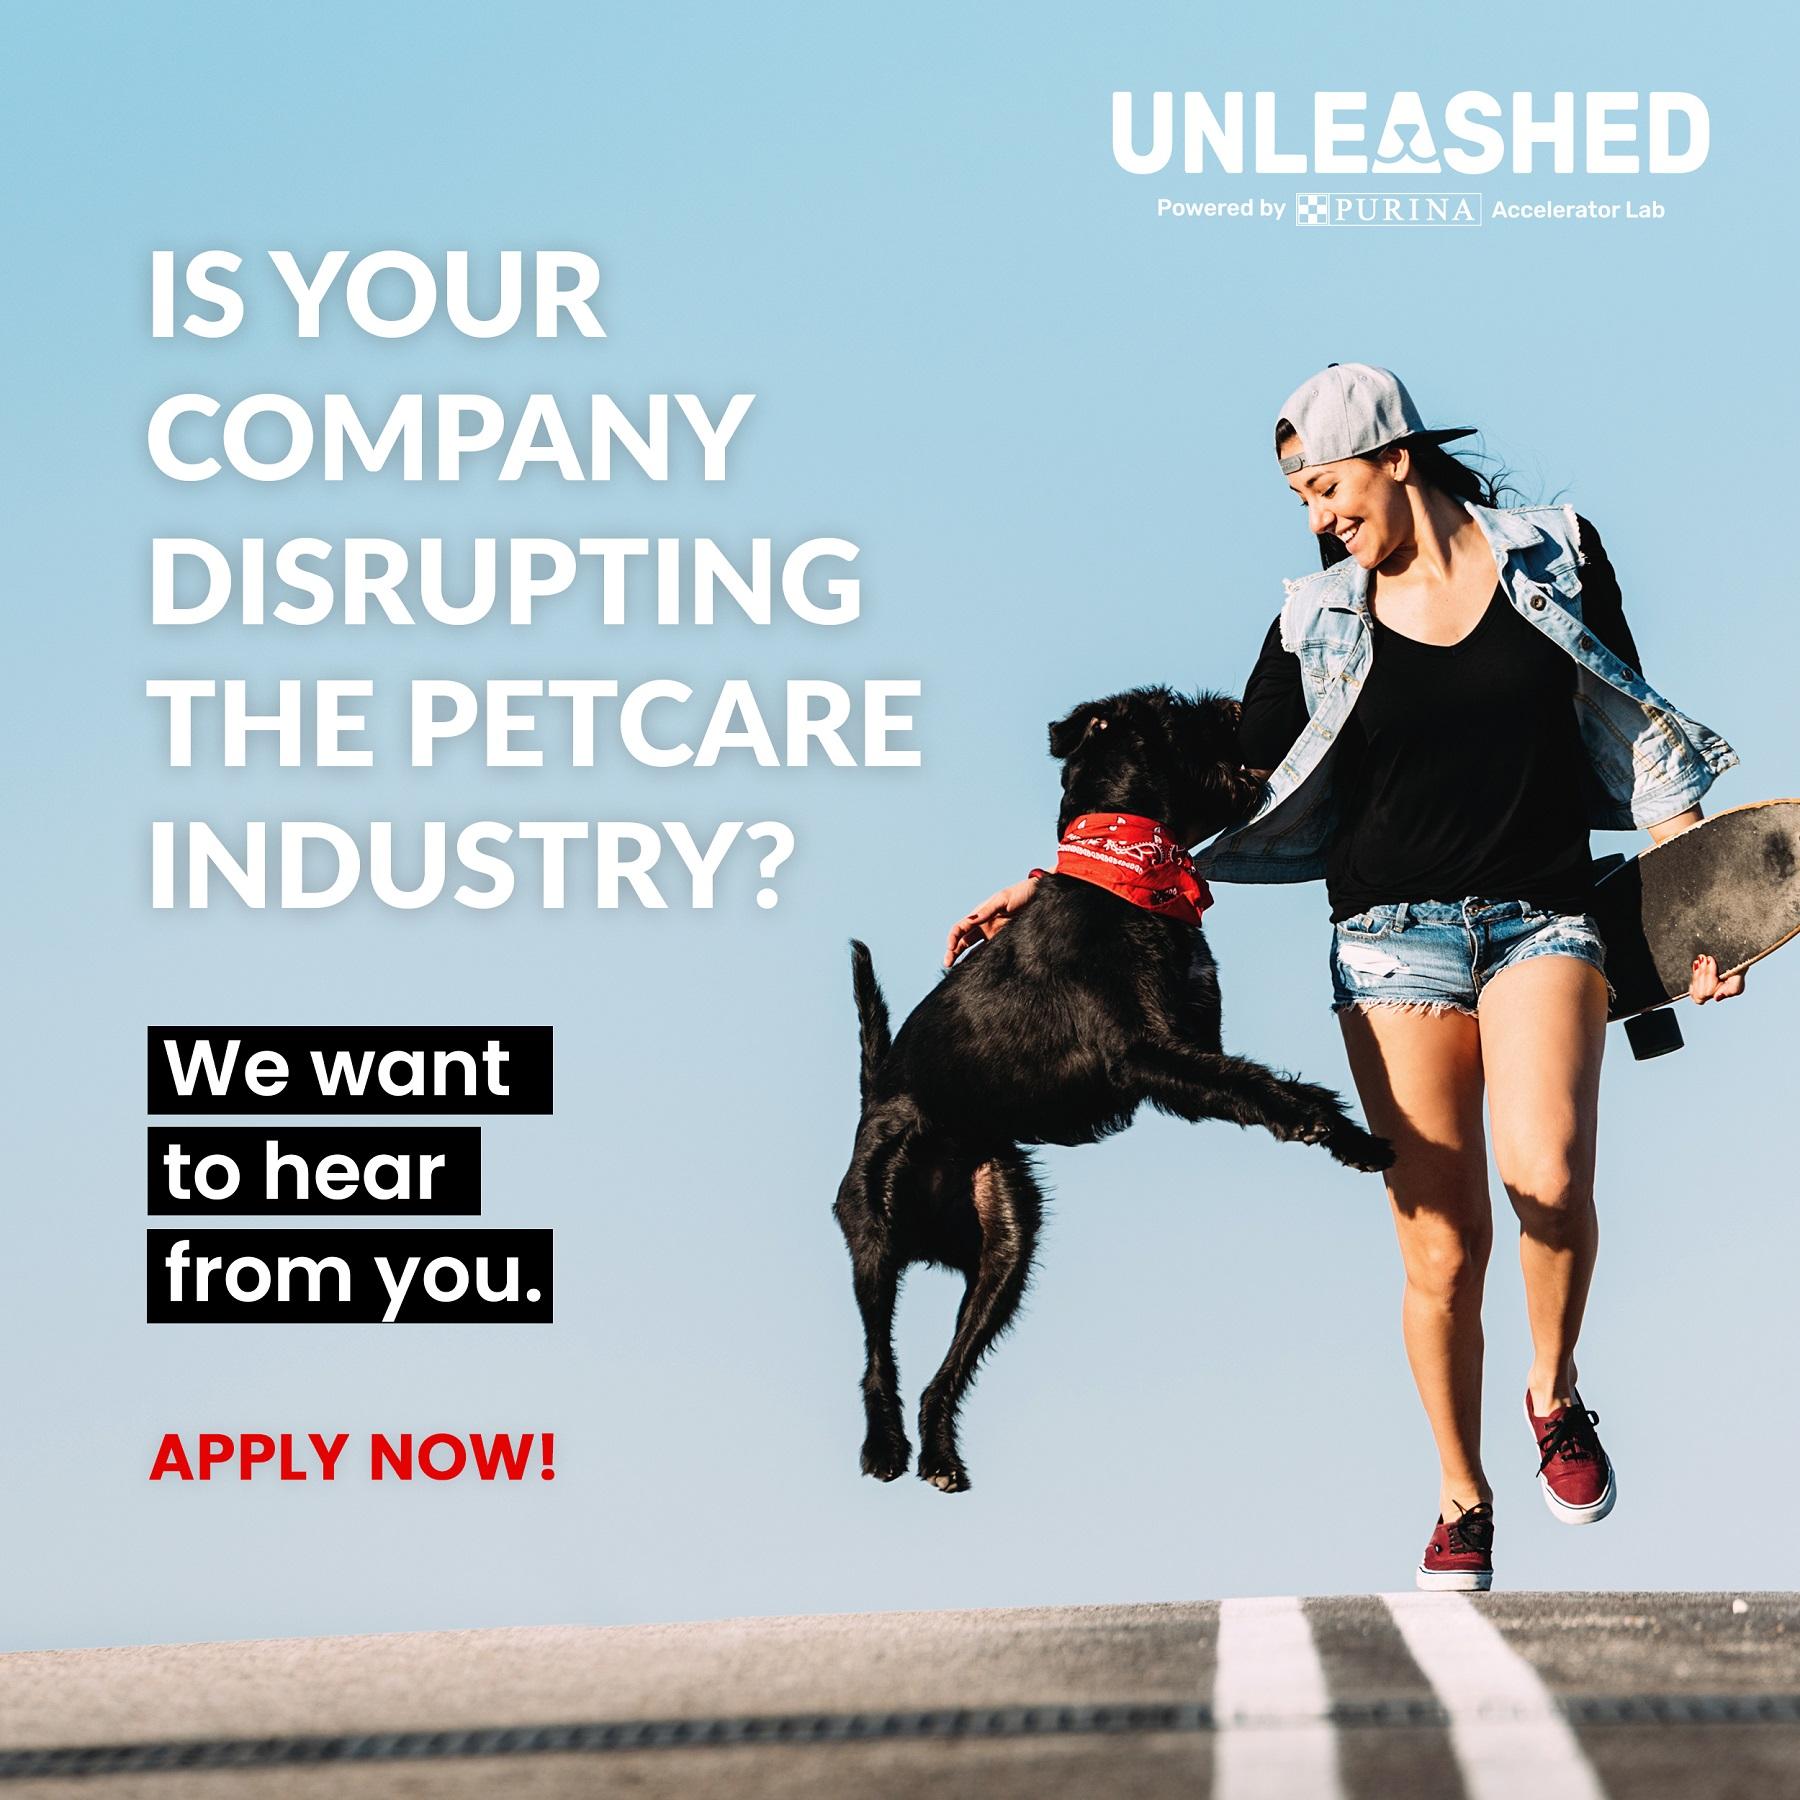 Unleashed - първата програма за развитие на стартъпи в сферата на технологии за животни в Европа, приема заявления за участие за 2021 141